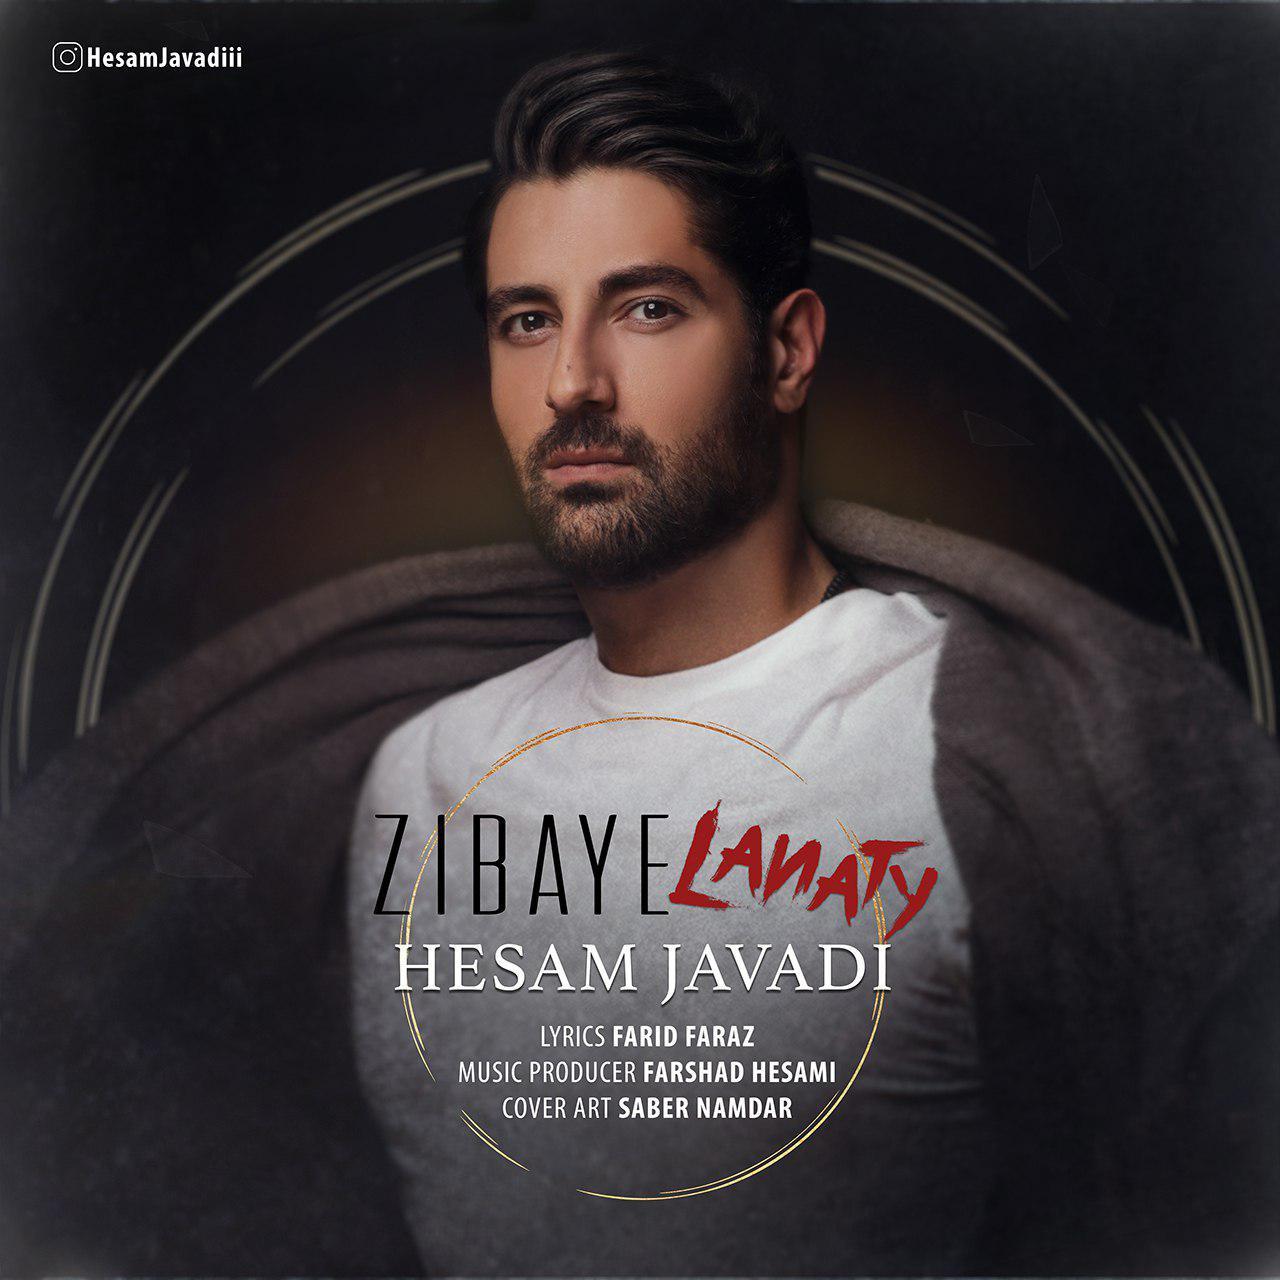 دانلود آهنگ جدید حسام جوادی به نام زیبای لعنتی